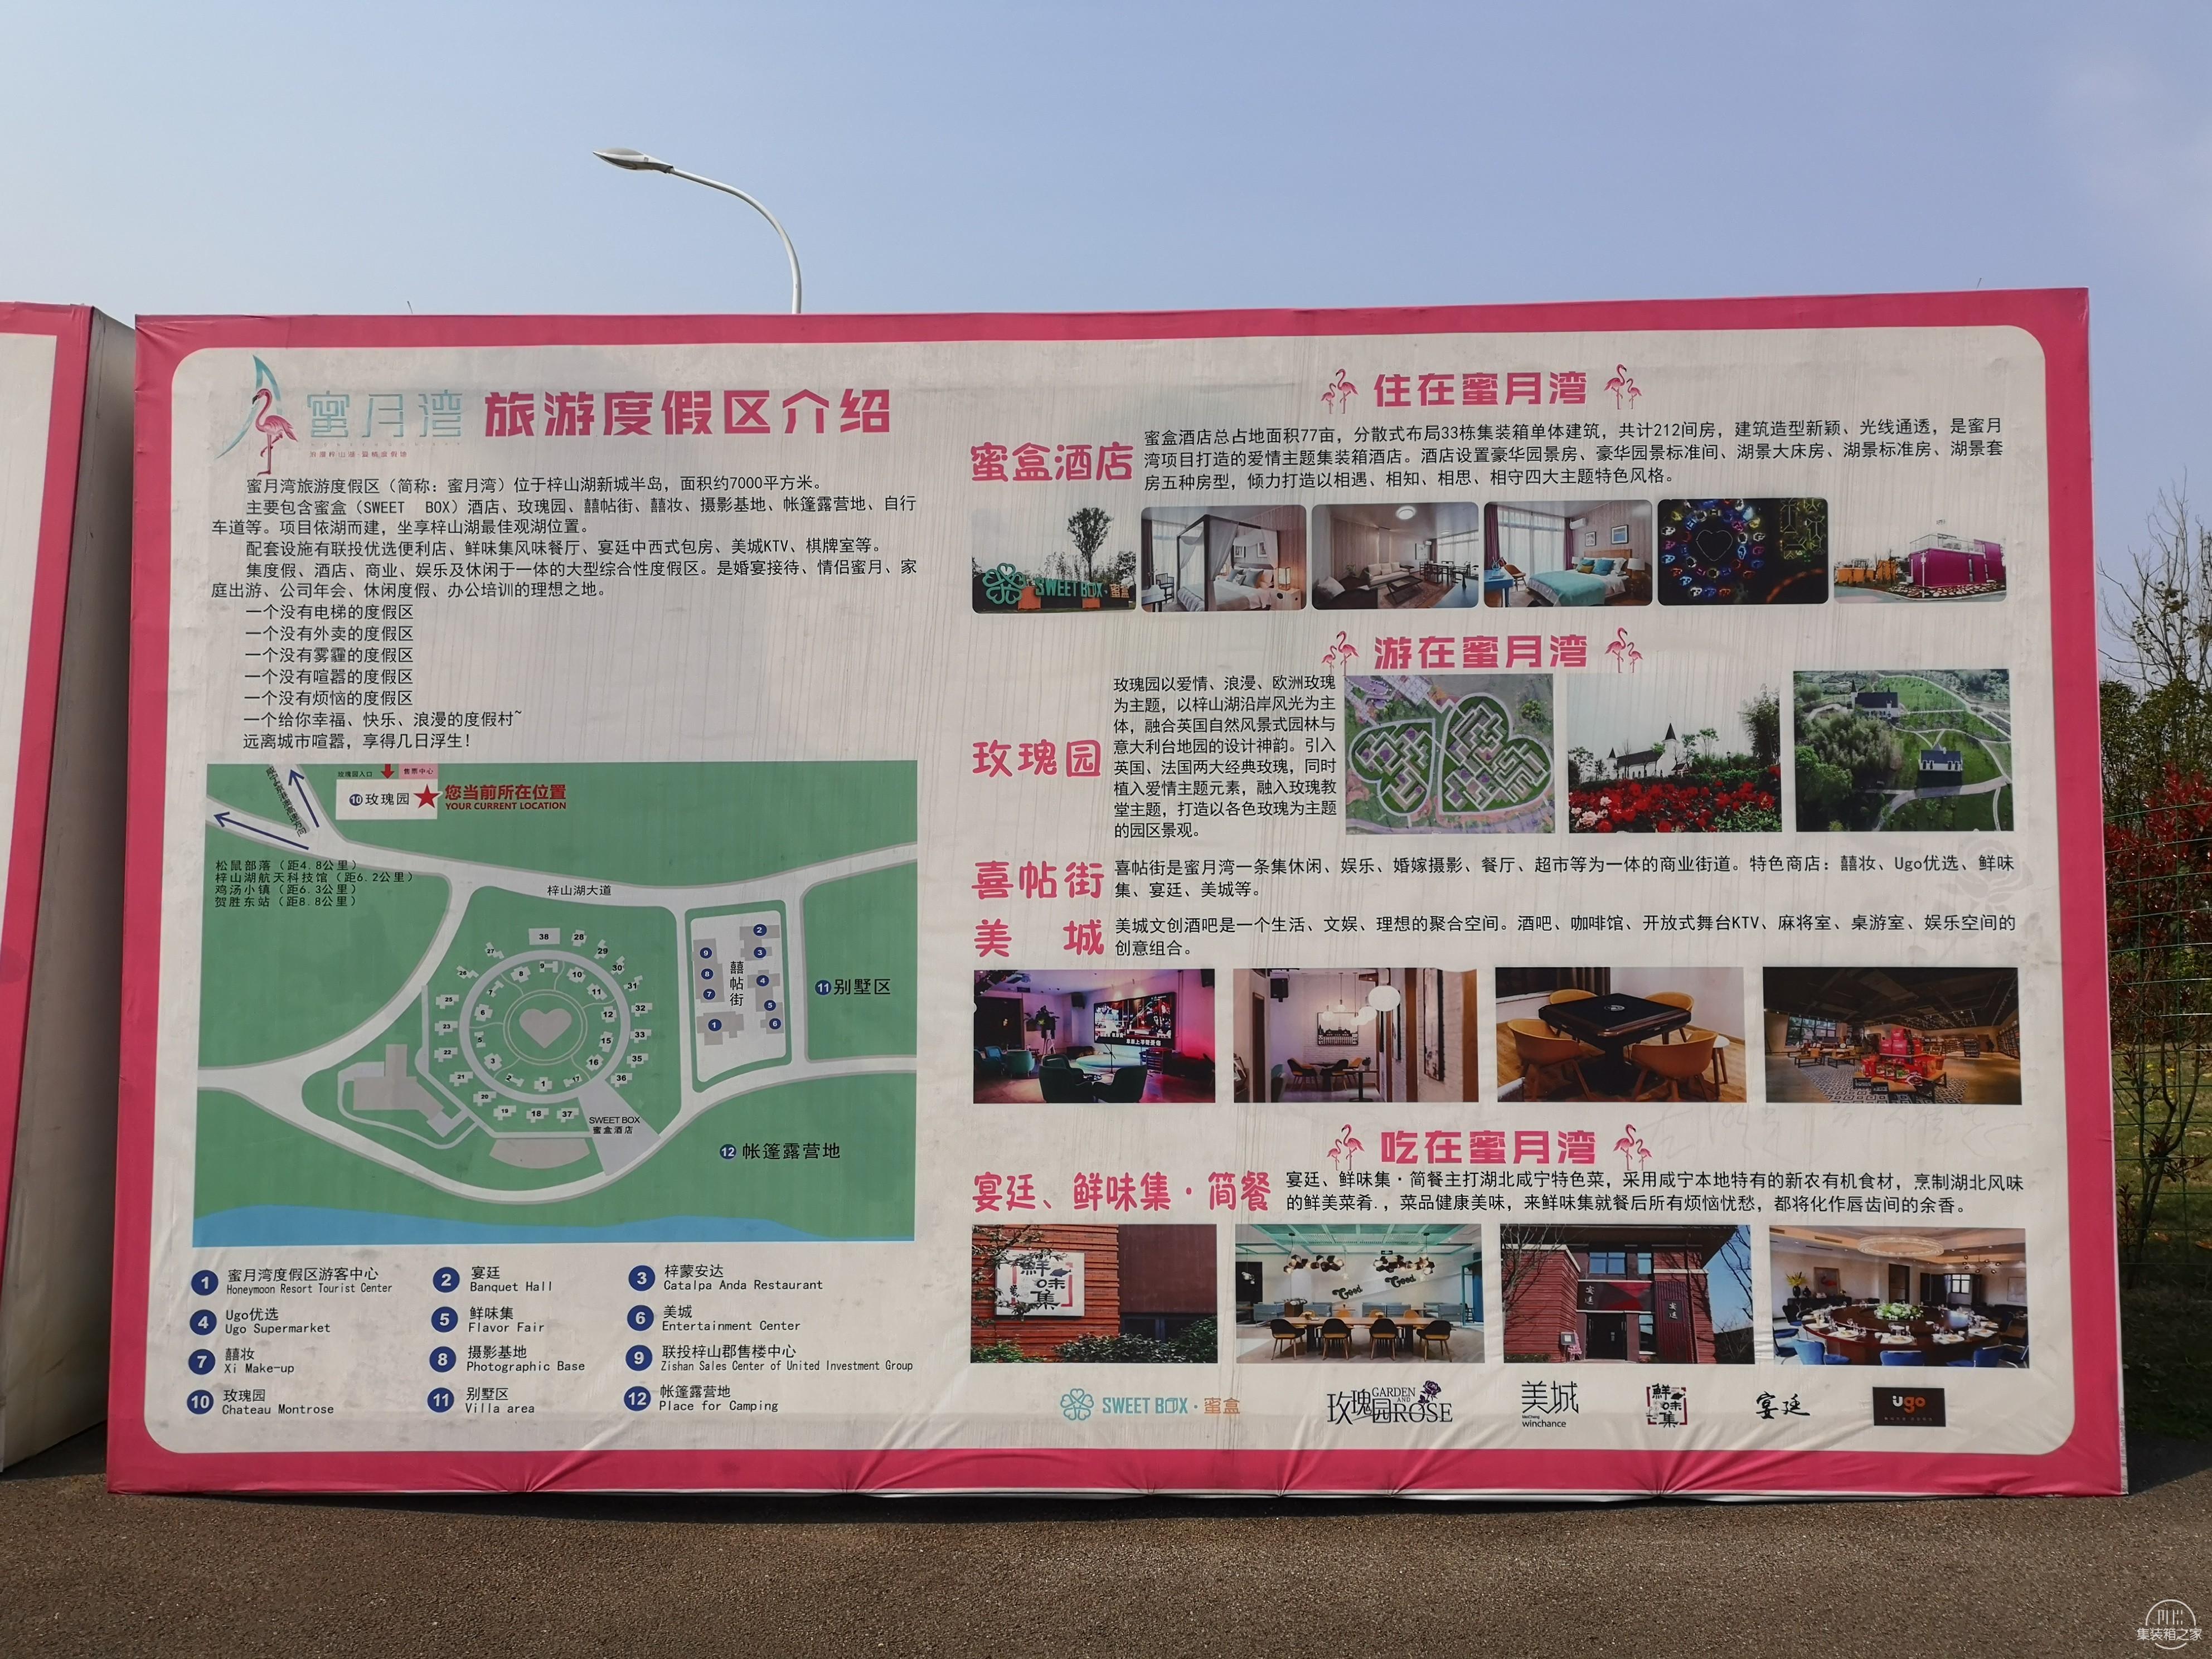 武汉蜜月湾:首个蜜月爱情主题度假区,还有甜蜜浪漫集装箱酒店-1.jpg